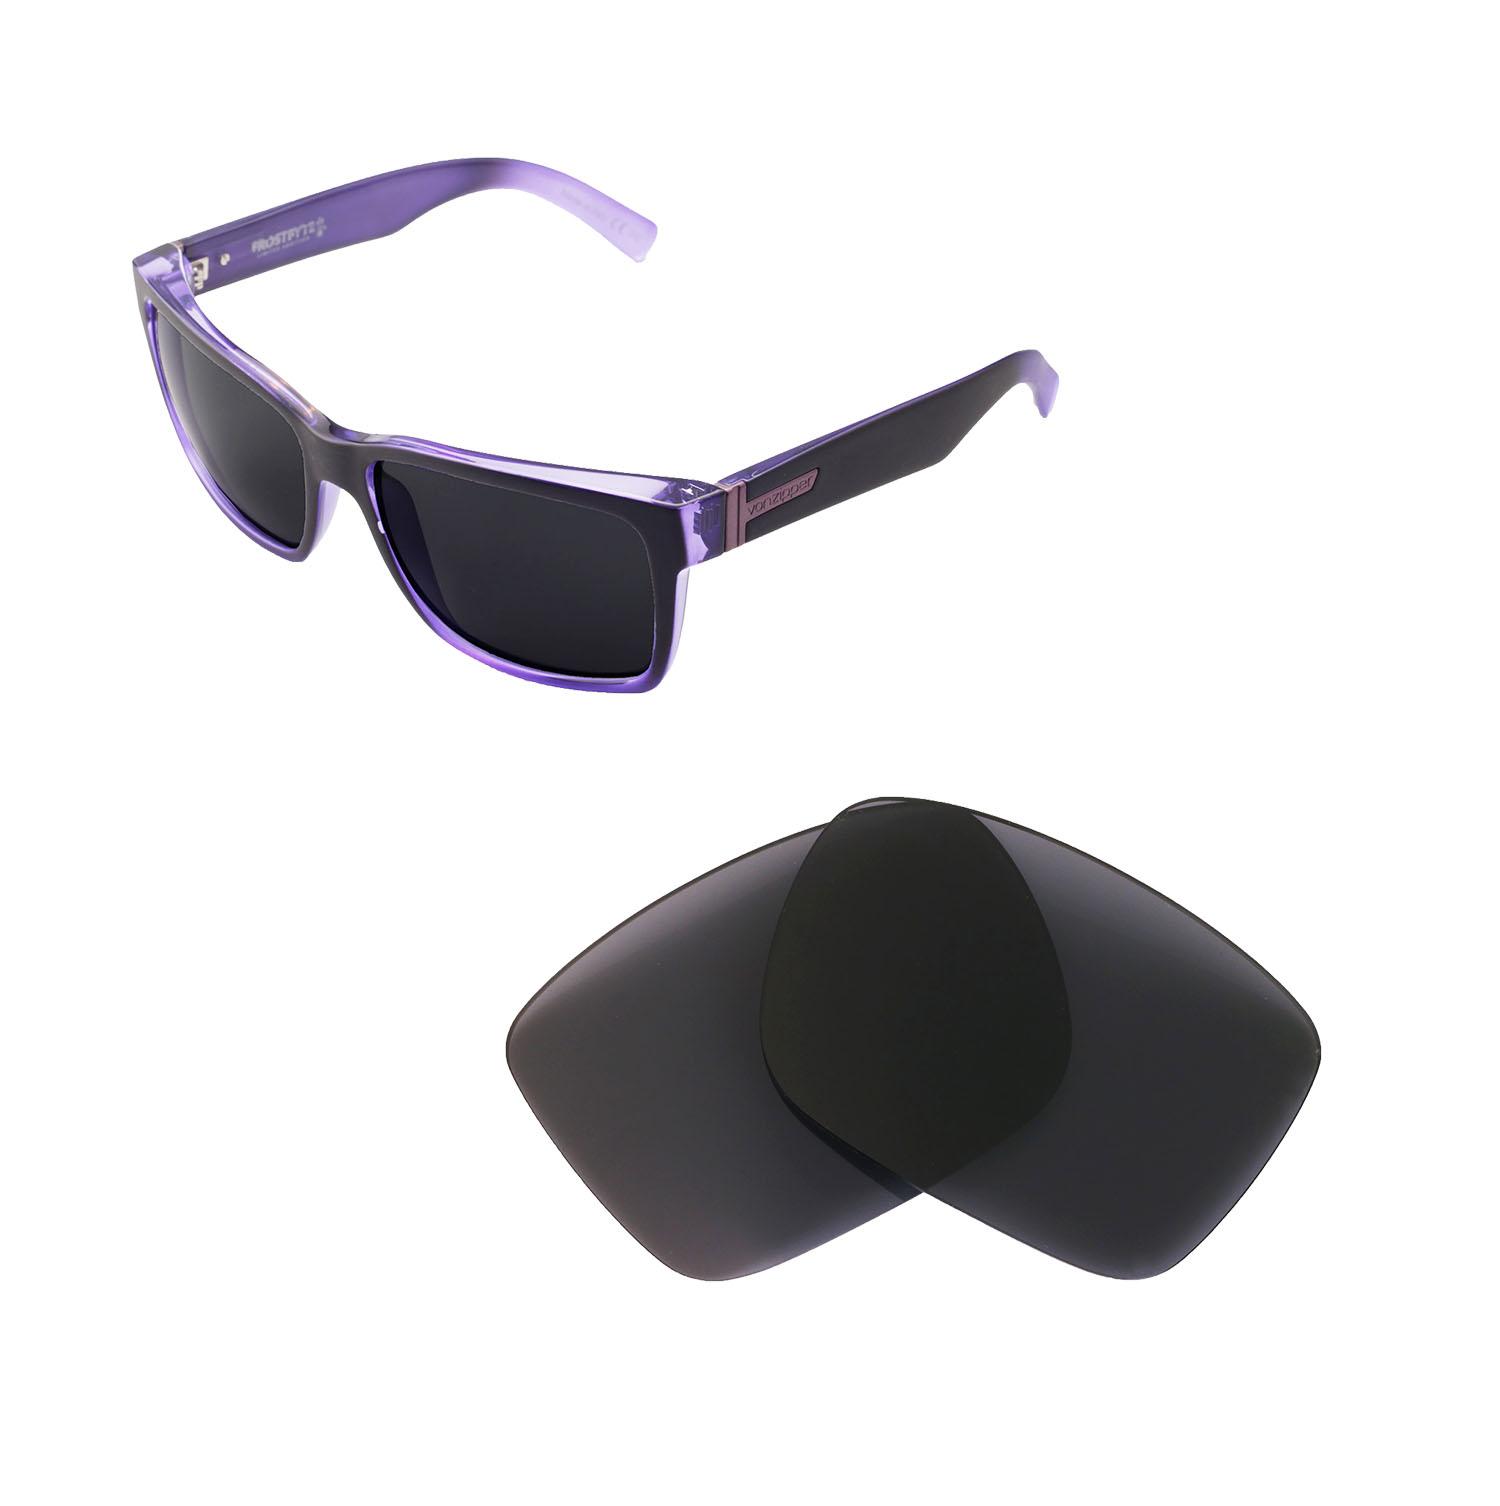 7cecbf4e65 Details about Walleva Polarized Black Replacement Lenses For VonZipper  Elmore